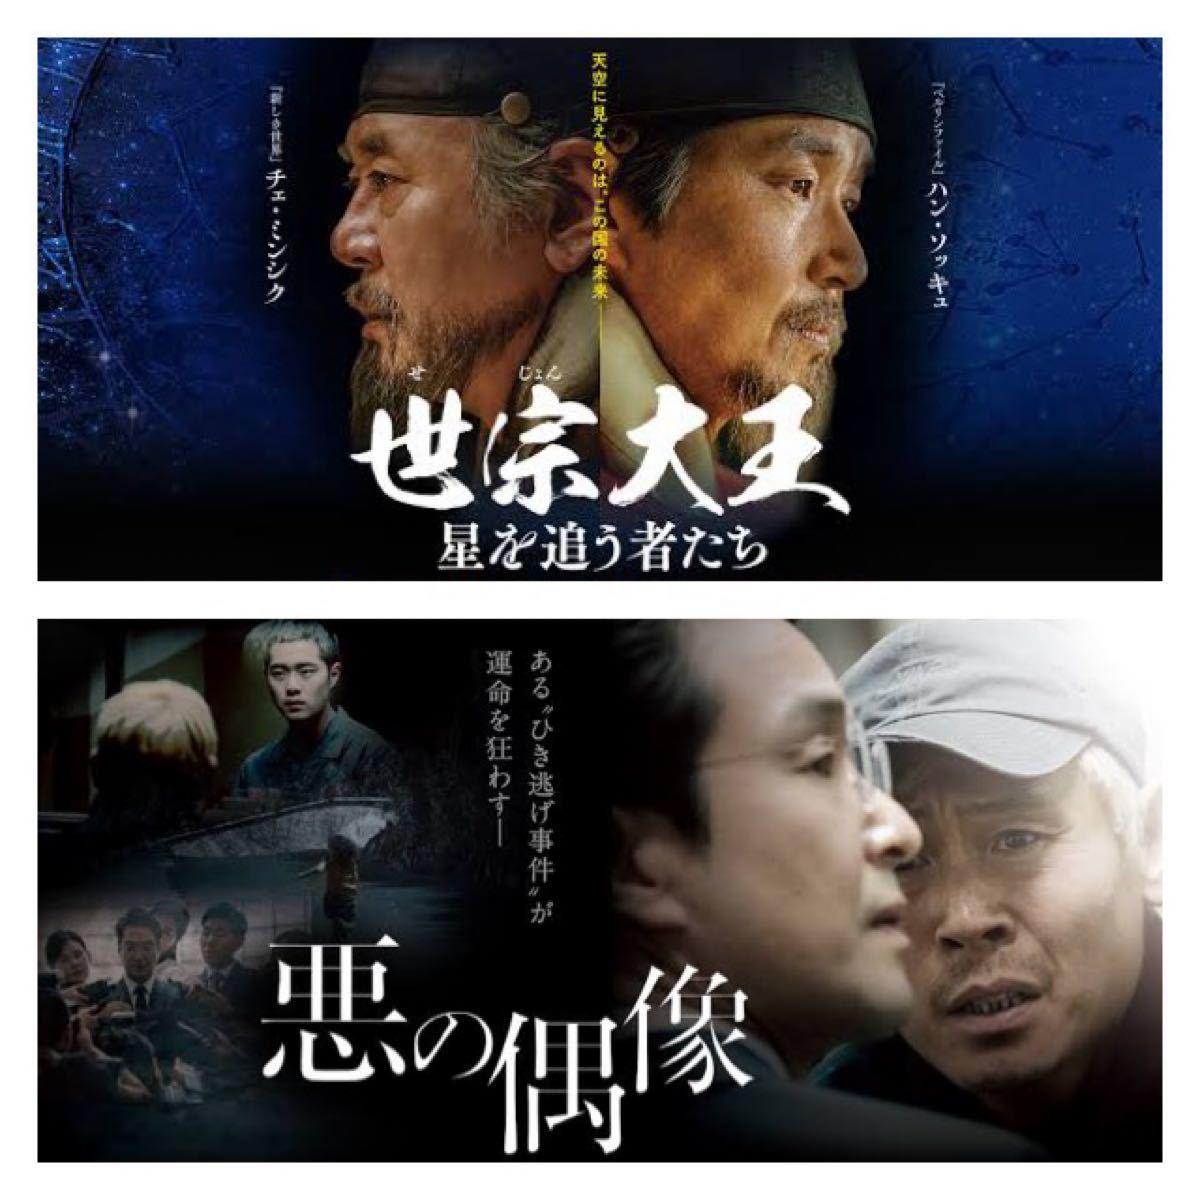 韓国映画DVD2枚セット【ハン・ソッキュ主演作品】